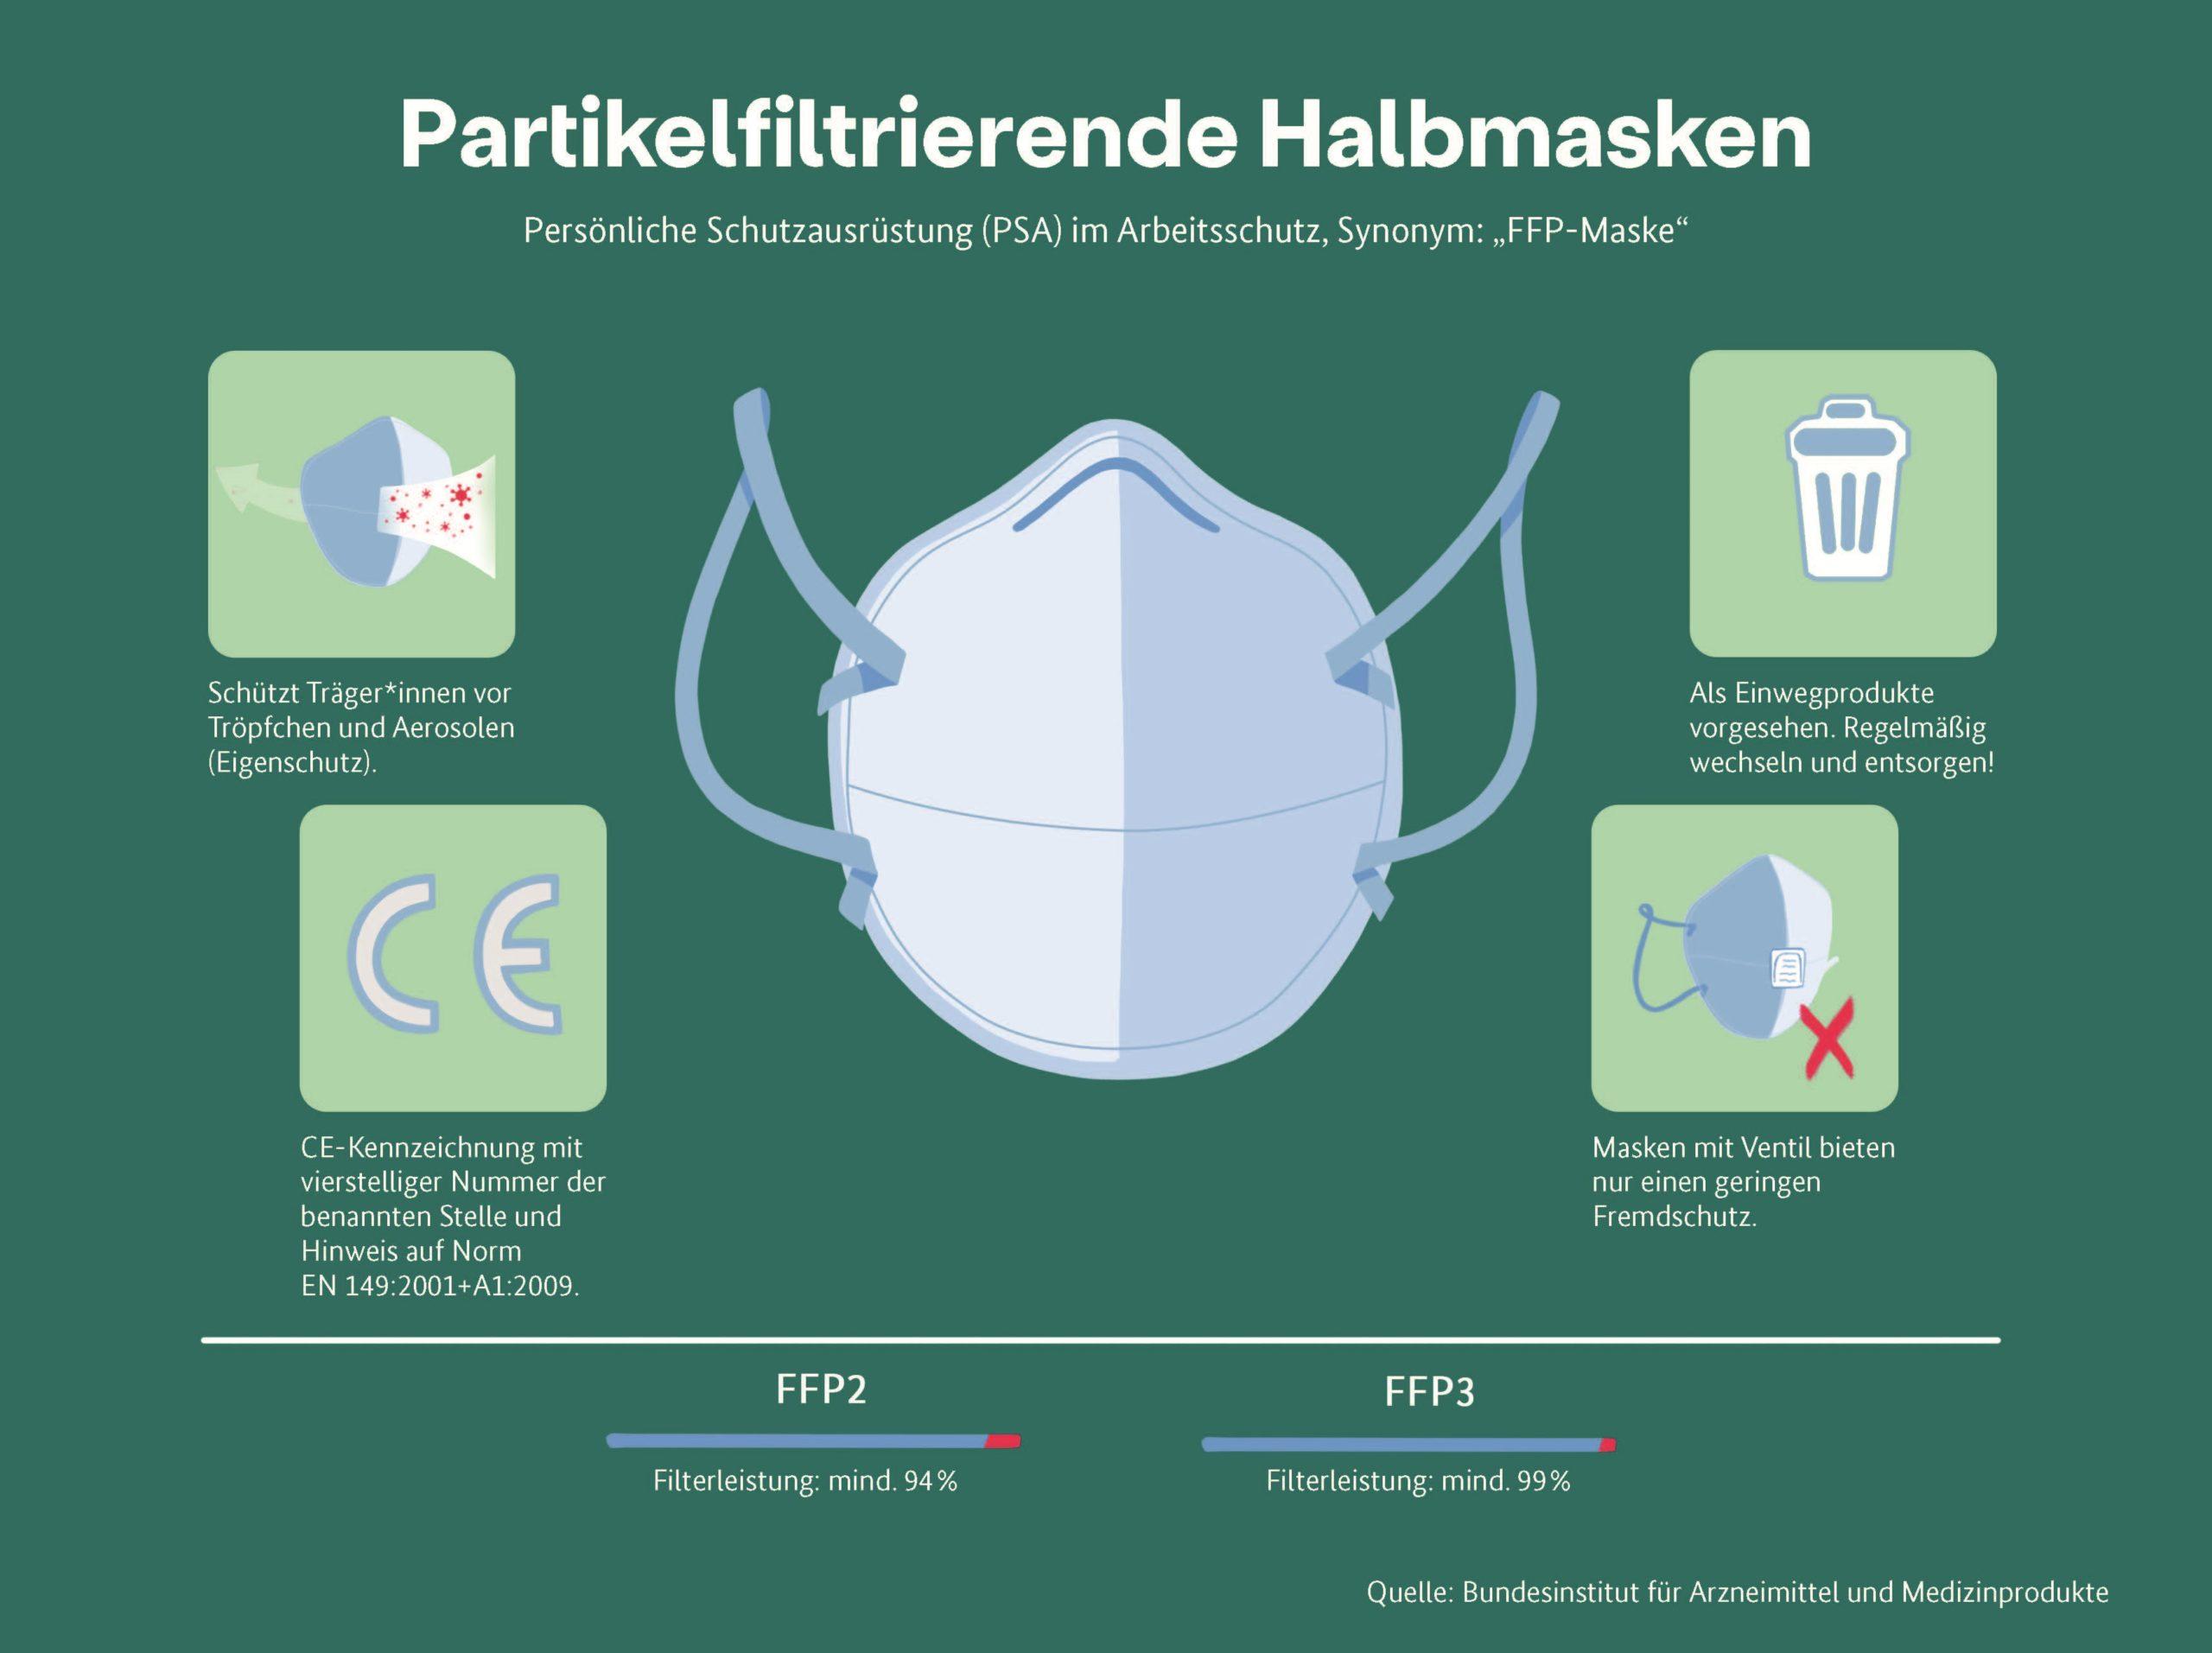 Partikelfiltrierende Halbmasken